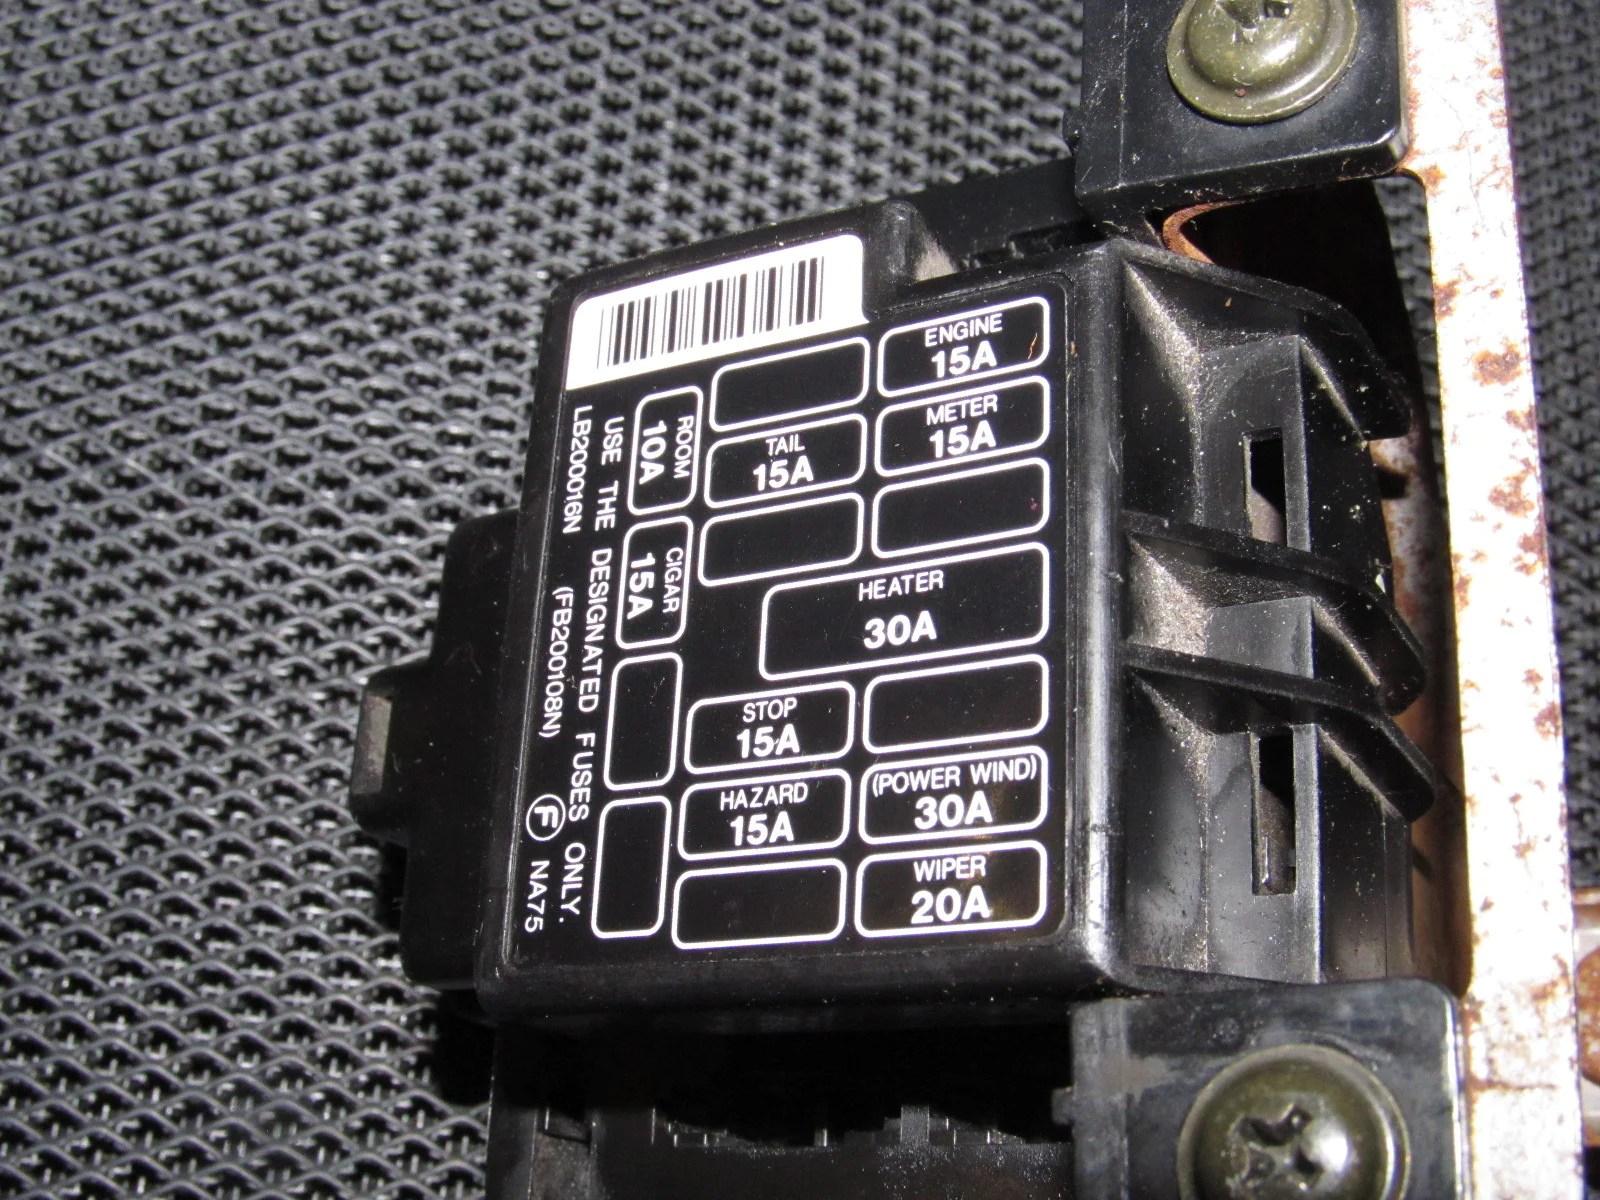 90 Miata Fuse Box Free Download Wiring Diagrams Schematics Camry Mx5 Mk1 Air Compressor Harness Santa Fe 1995 Cover